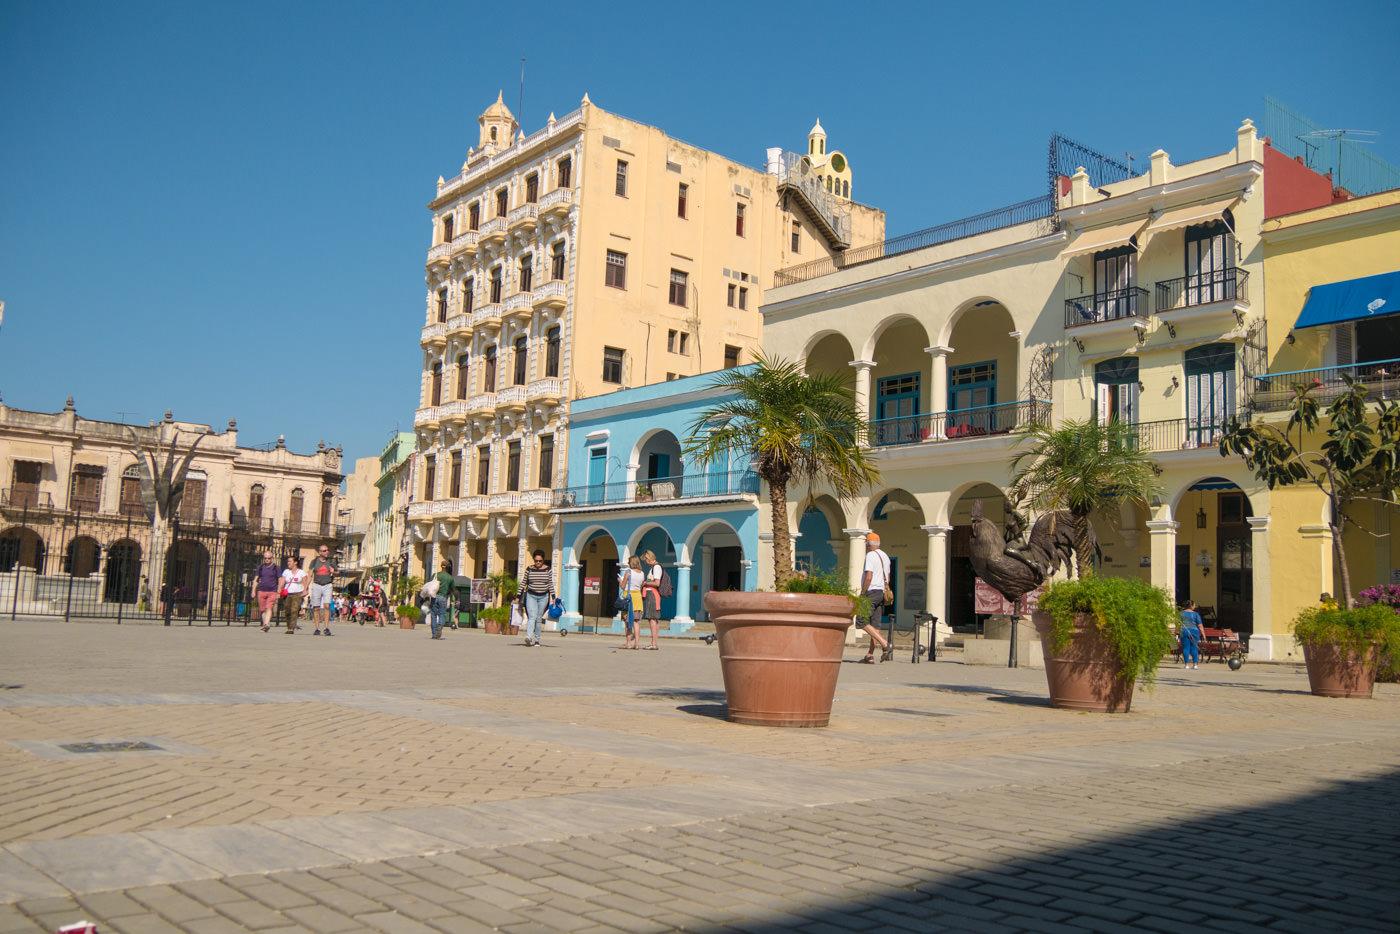 Sehenswürdigkeiten am berühmten Plaza Vieja